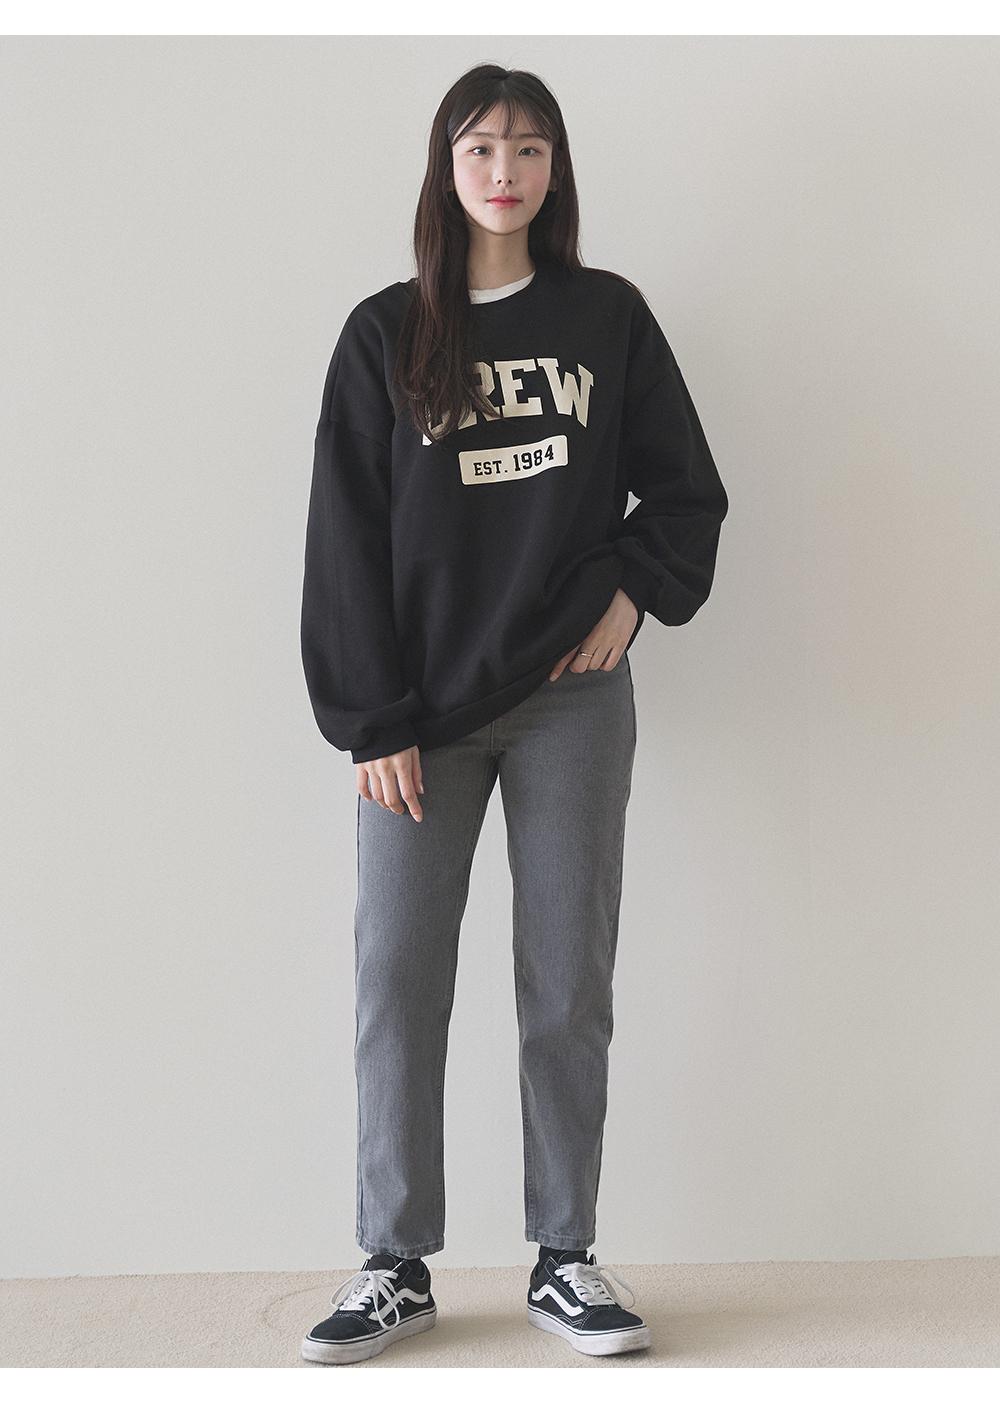 Lettering Loose-fit Fleece-lined Sweatshirt